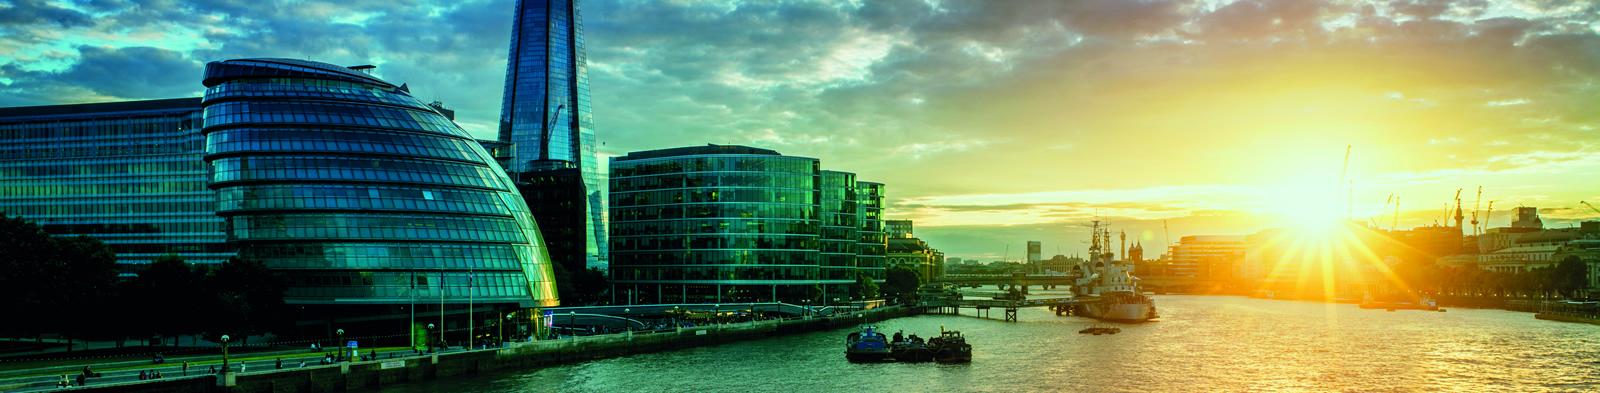 Sunrise over Thames